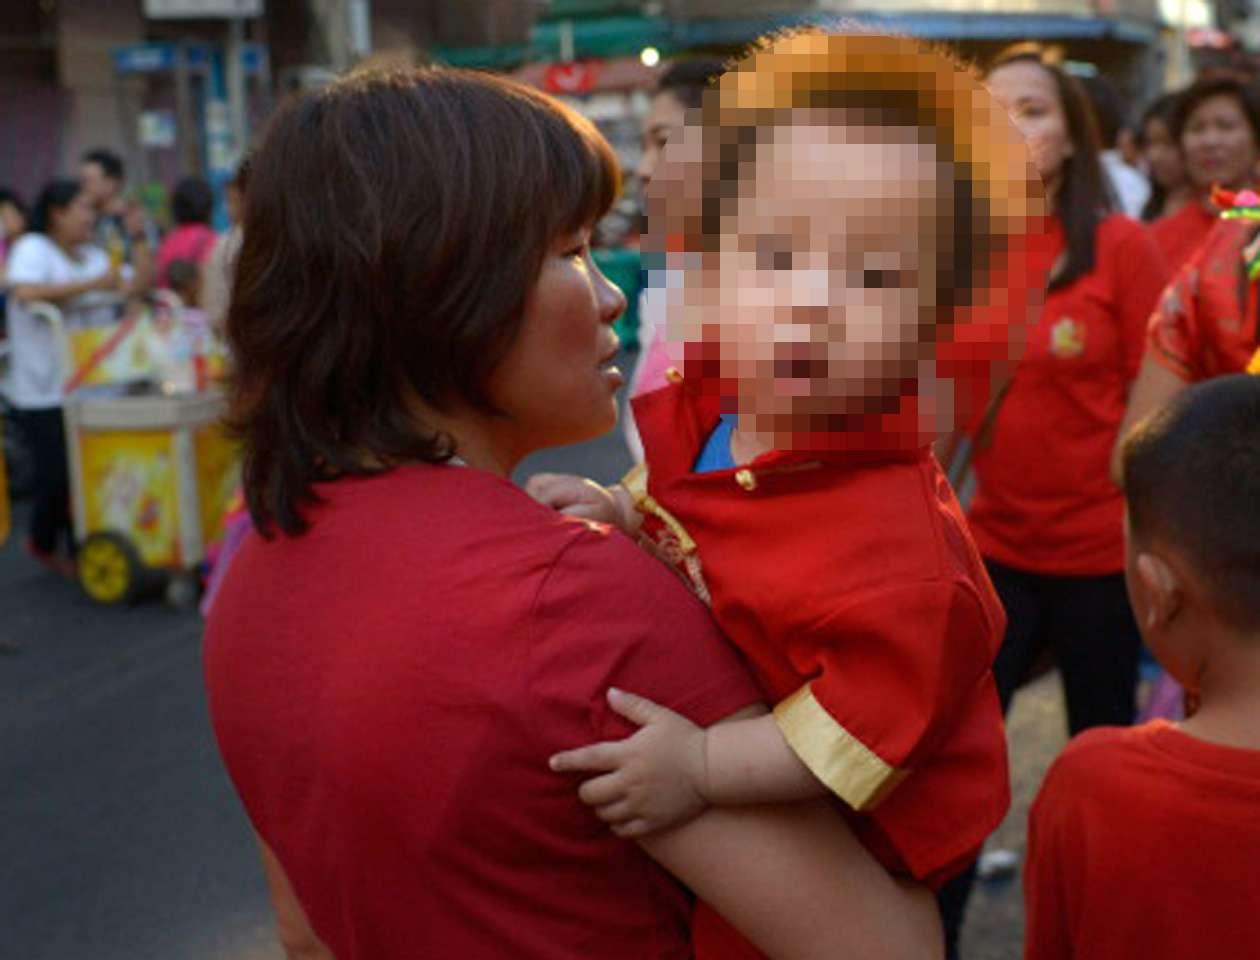 500 mil yuanes (65,000 euros) ya se han mandado a Cruz Roja, mientras que el resto del dinero se donará a las familias más desfavorecidas de Youyang. Imagen de ilustración Foto: Nick McGrath/Getty Images/Archivo